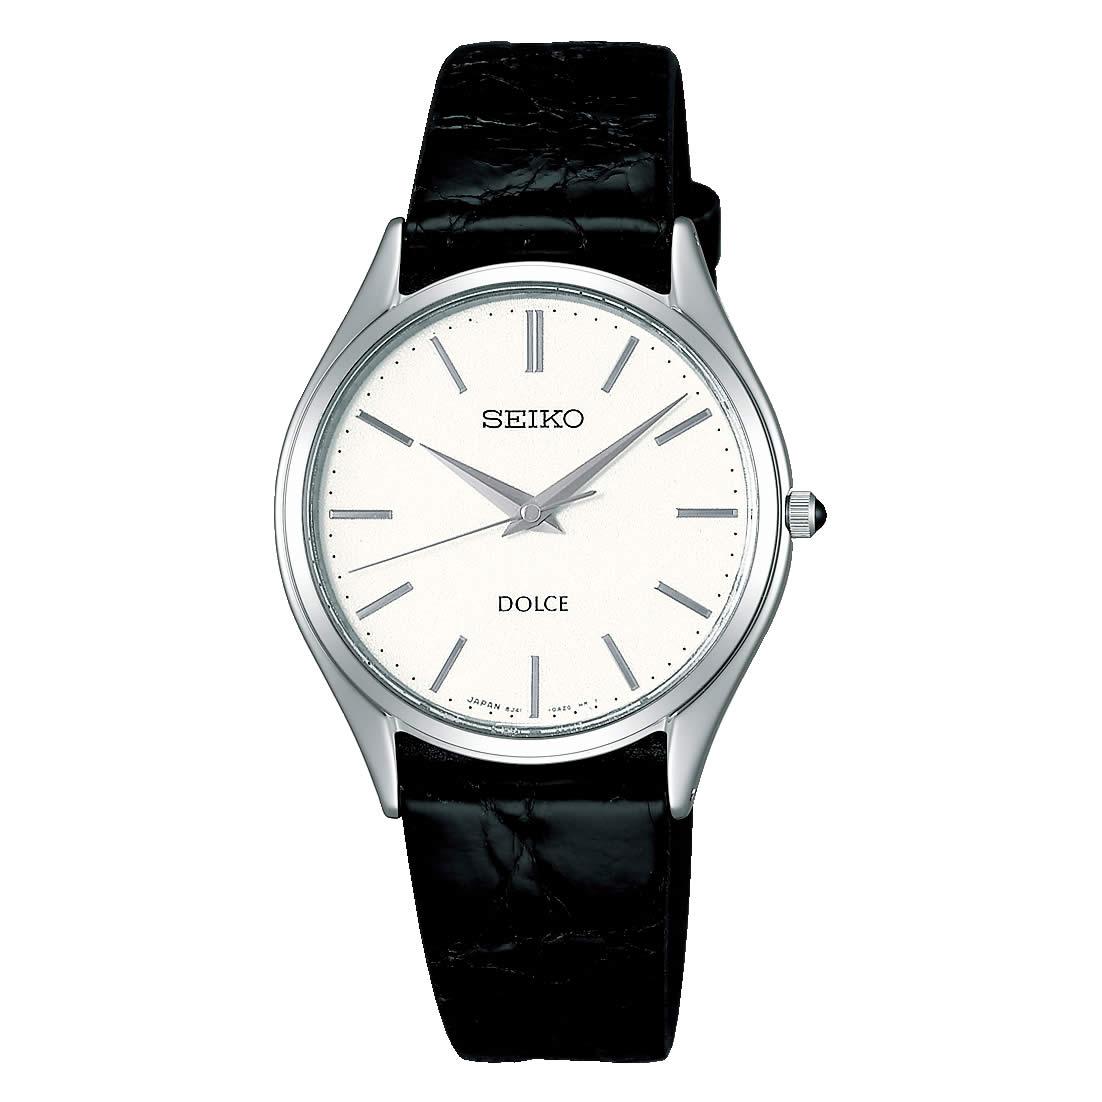 【送料無料】【国内正規品】セイコー ドルチェ SEIKO DOLCE 腕時計 革ベルト SACM171 メンズ 時計 オフィス ペアウォッチ ペア腕時計 レザー ワニ革 ビジネス シンプル 人気 うでどけい とけい WATCH 時計【取り寄せ】